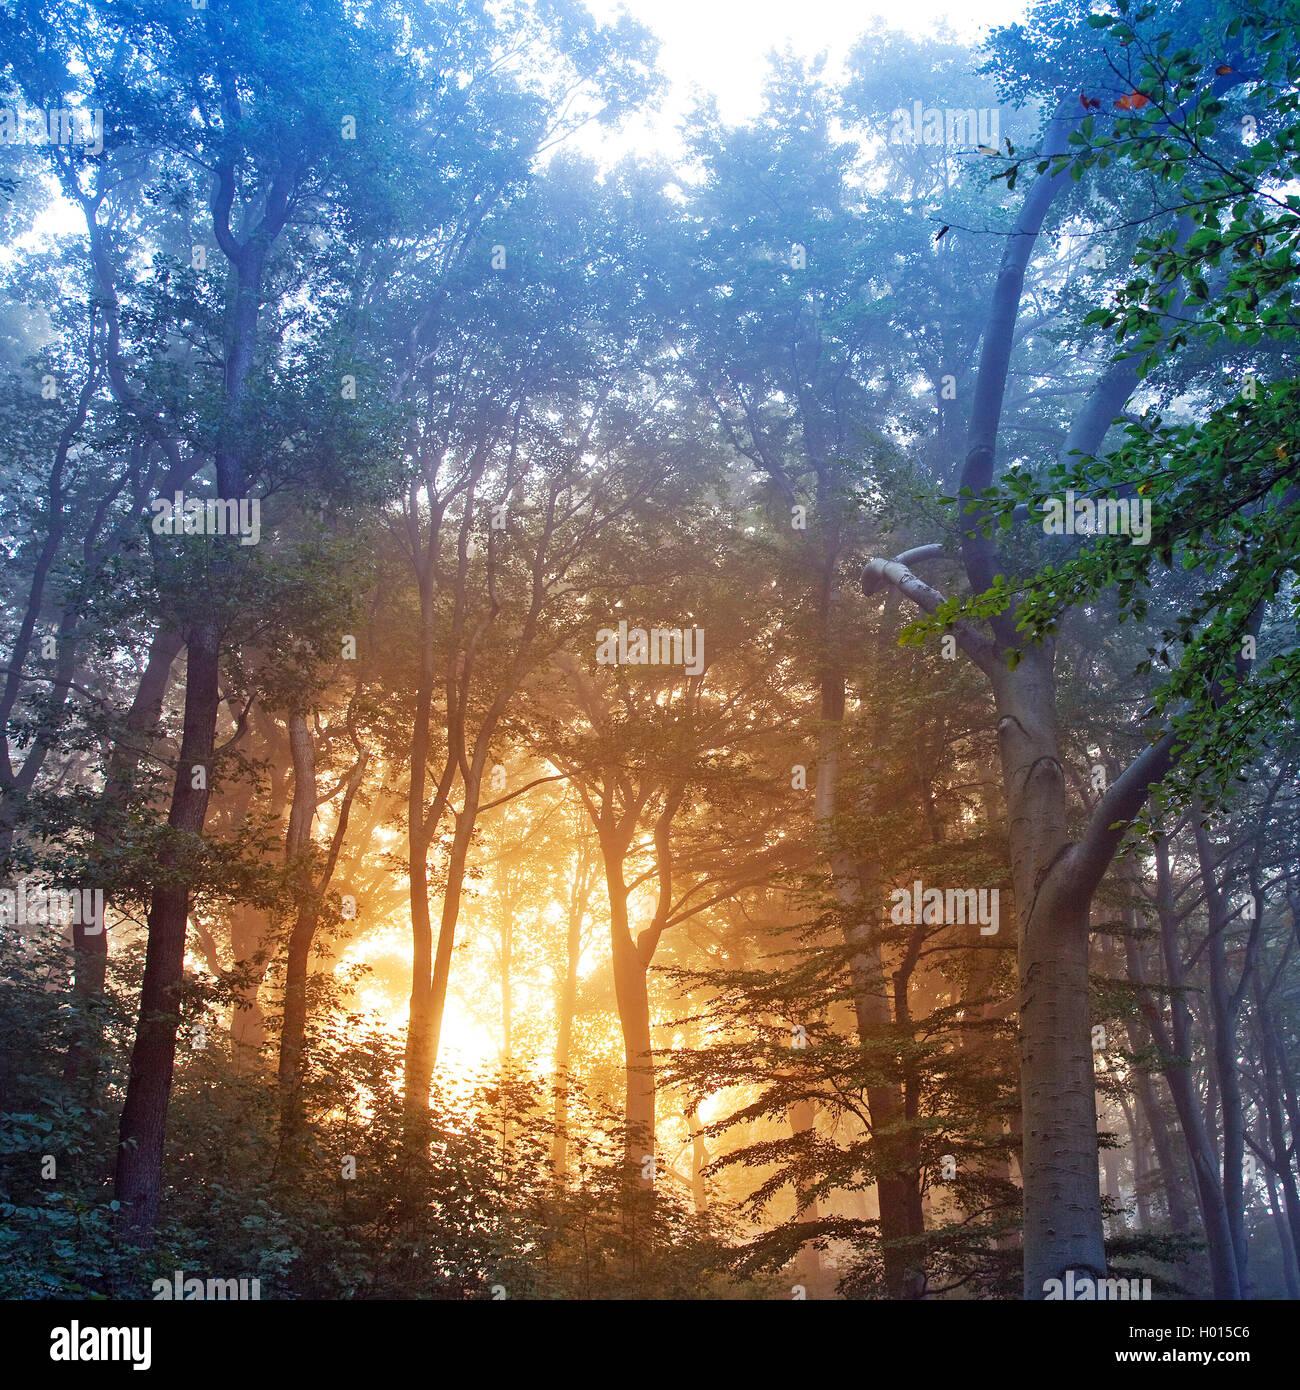 Sonnenaufgang in nebeliger Waldlandschaft, Deutschland, Nordrhein-Westfalen, Ruhrgebiet, Witten | sunrise in misty - Stock Image